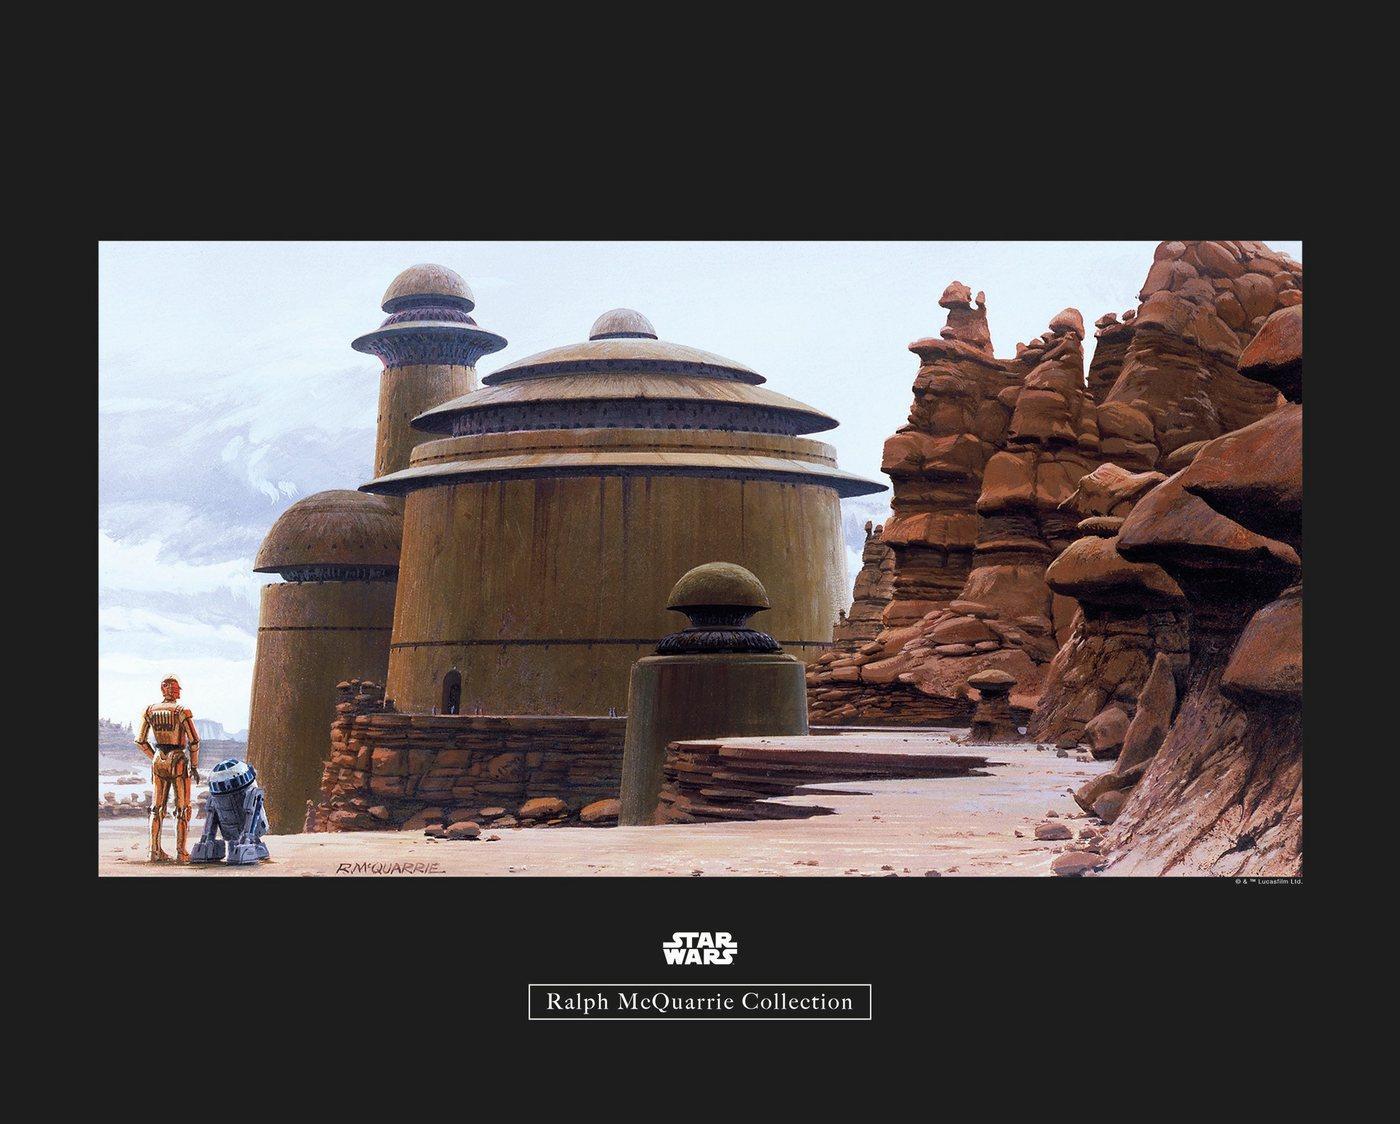 Komar Poster »Star Wars Classic RMQ Jabbas Palace«, Star Wars